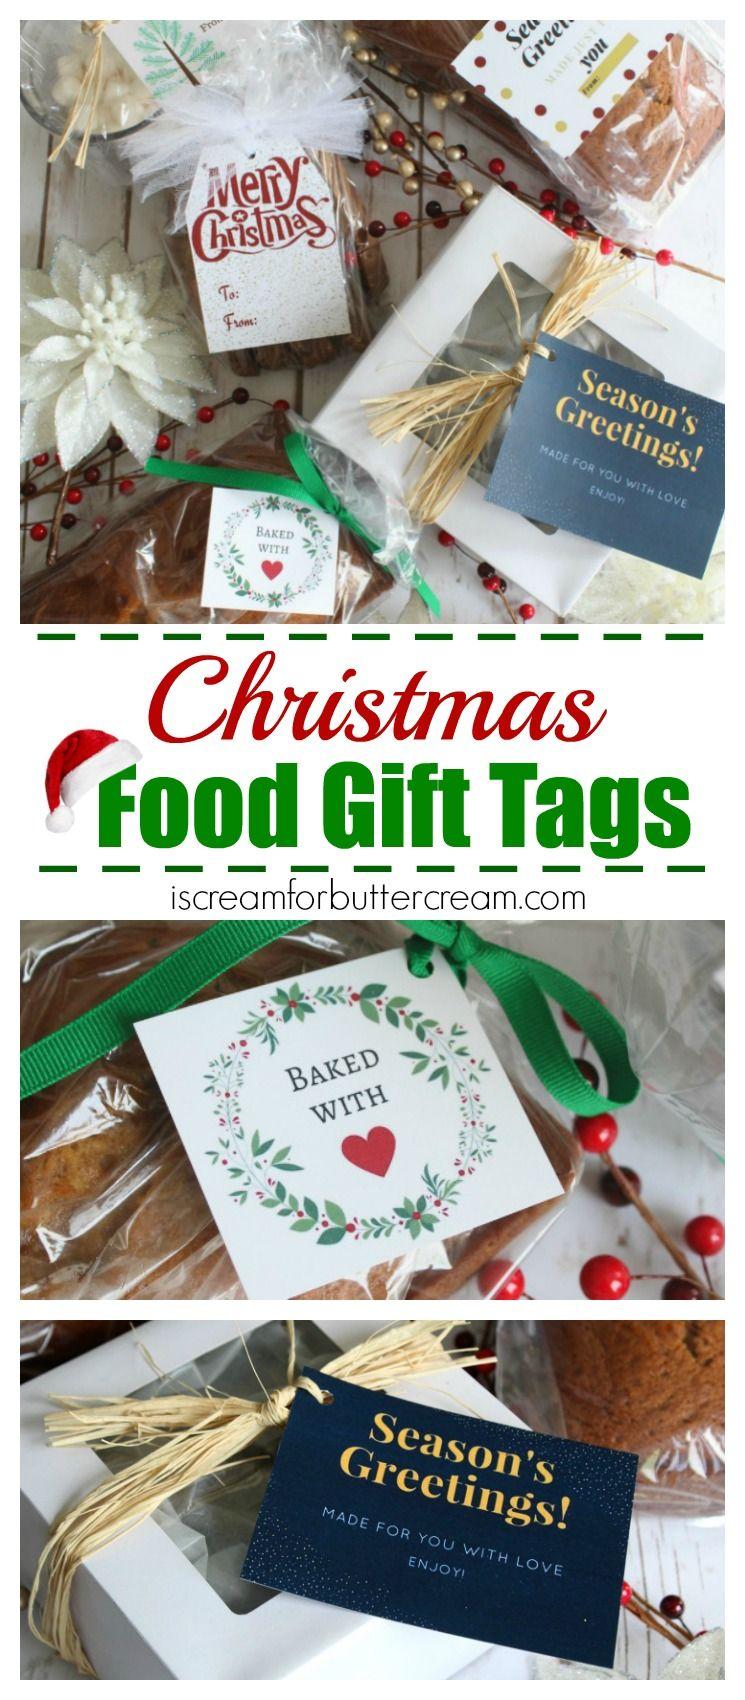 Free Printable Christmas Food Gift Tags   Christmas Cakes and ...